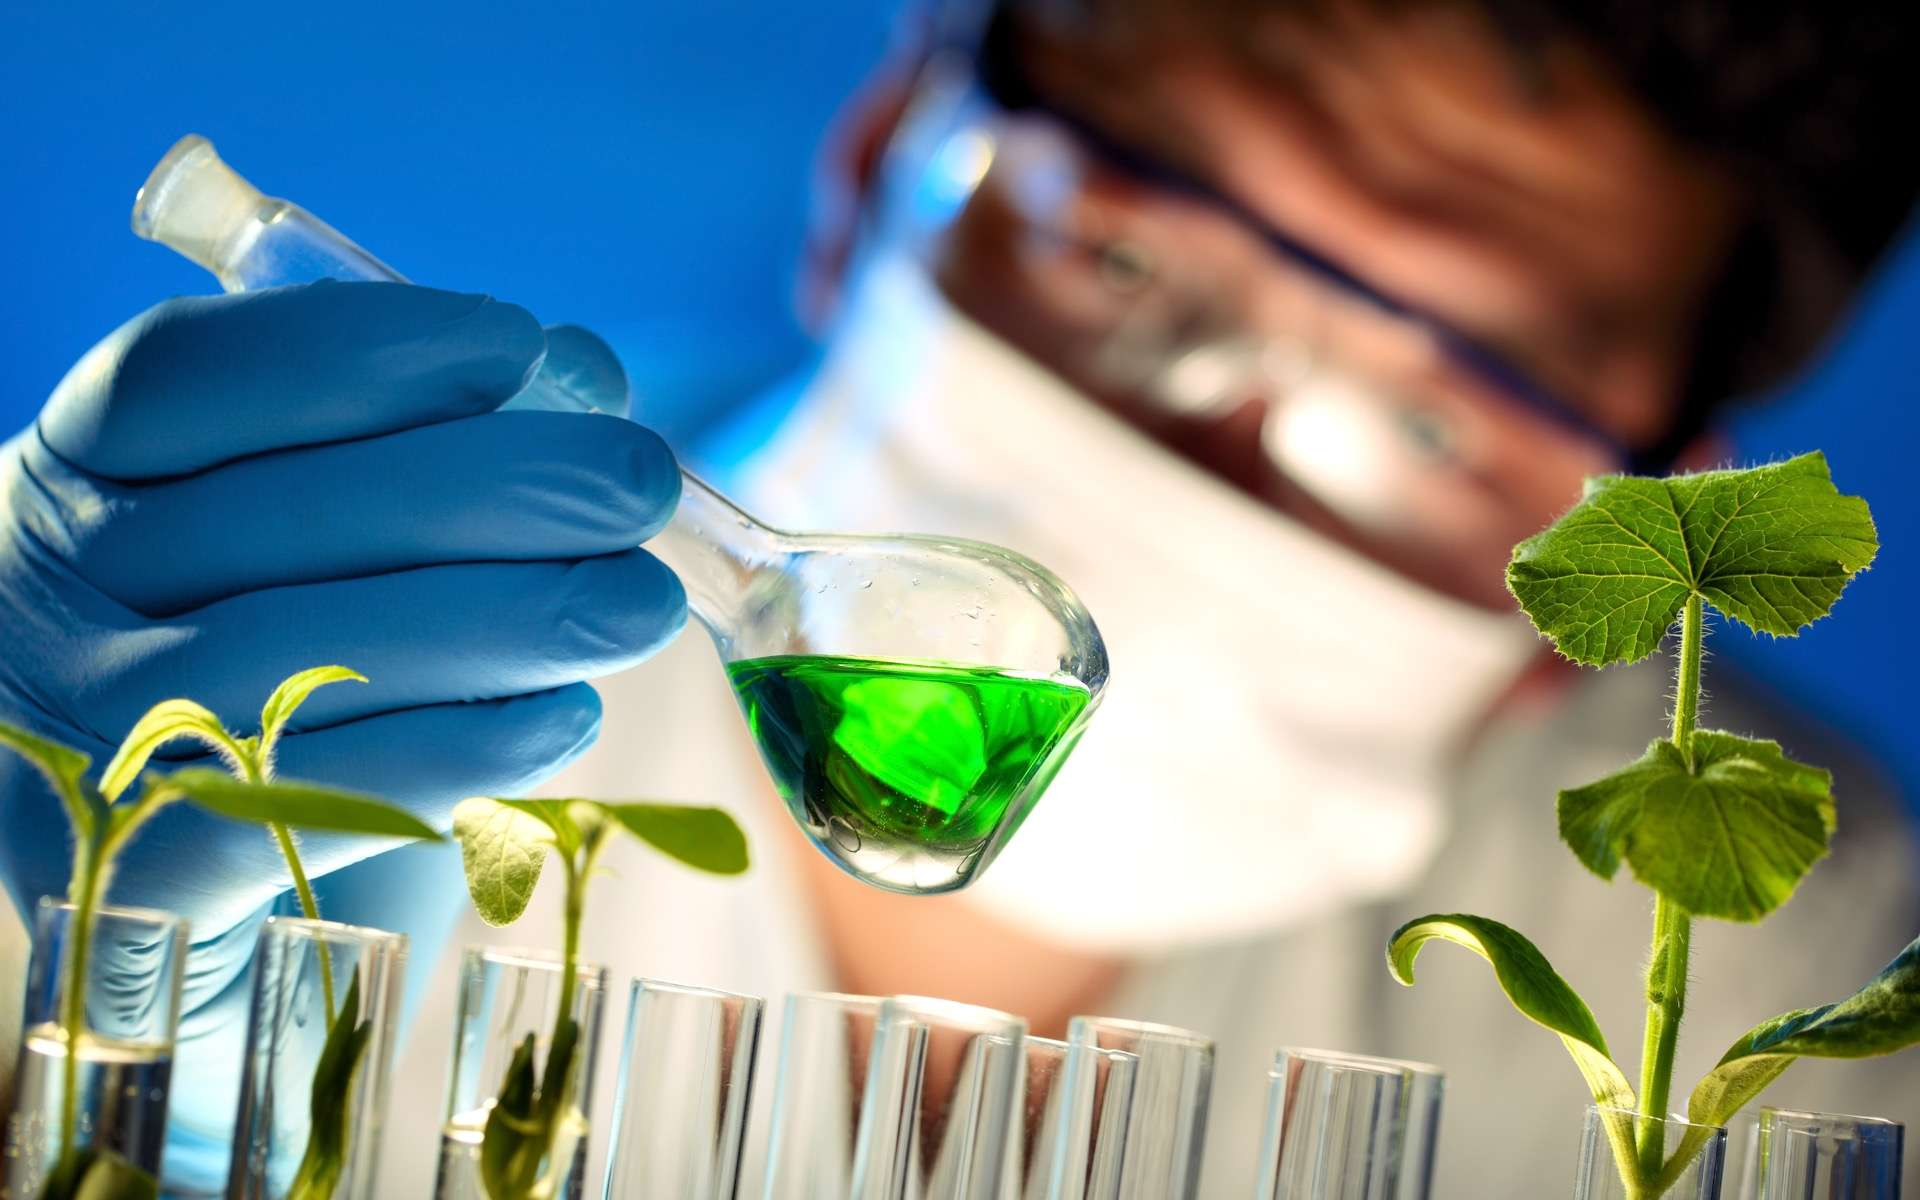 Découvrir le métier d'ingénieur en biotechnologies. © Lily, Adobe Stock